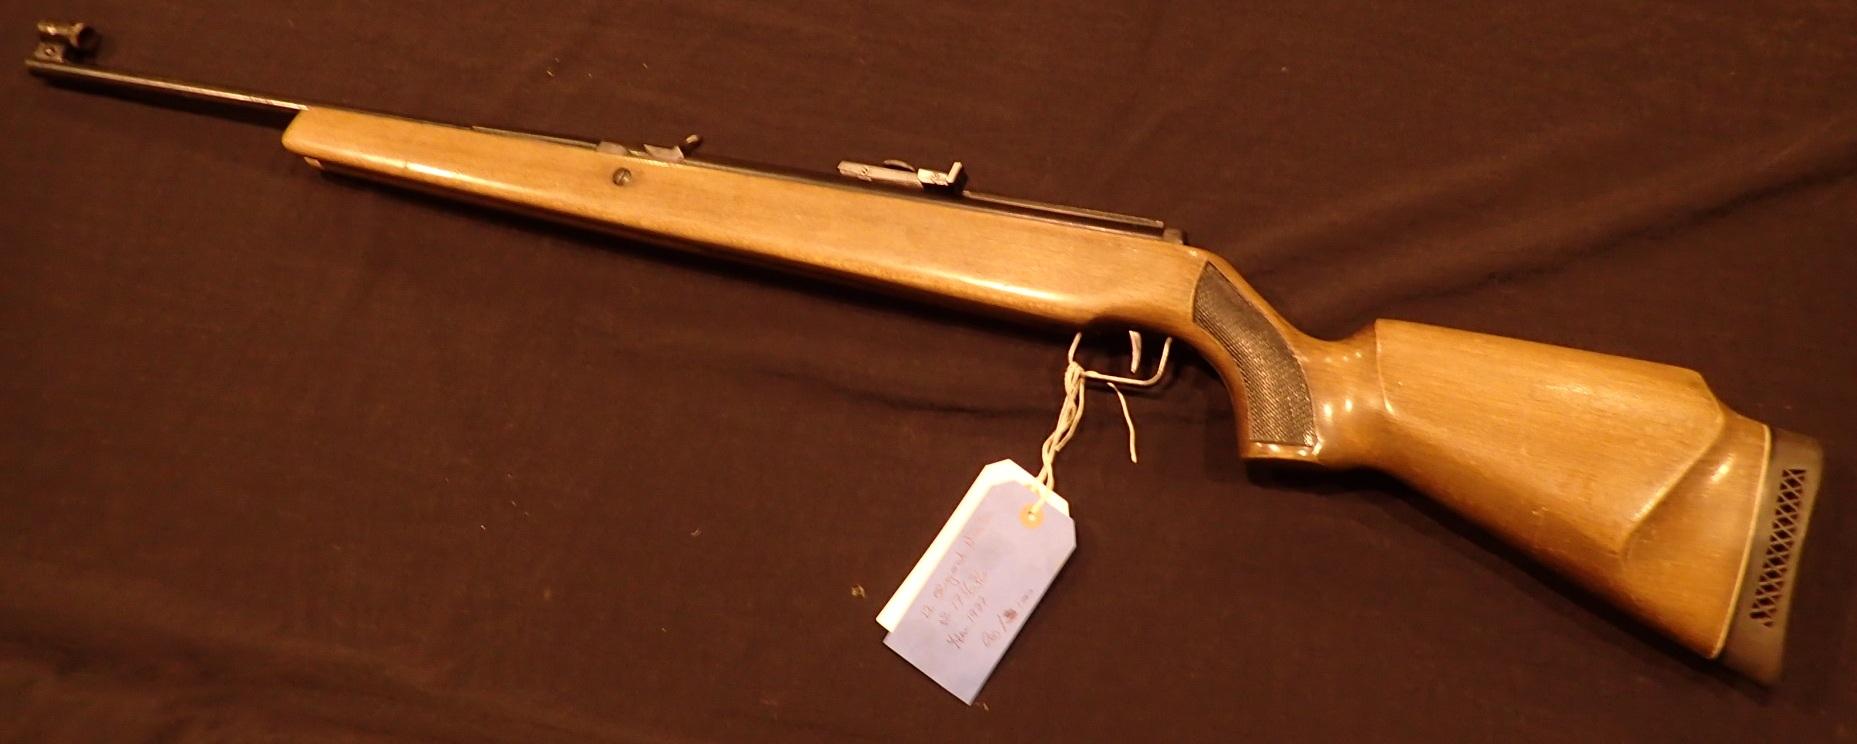 Lot 1633 - Original Model 50 1977 22 cal air rifle